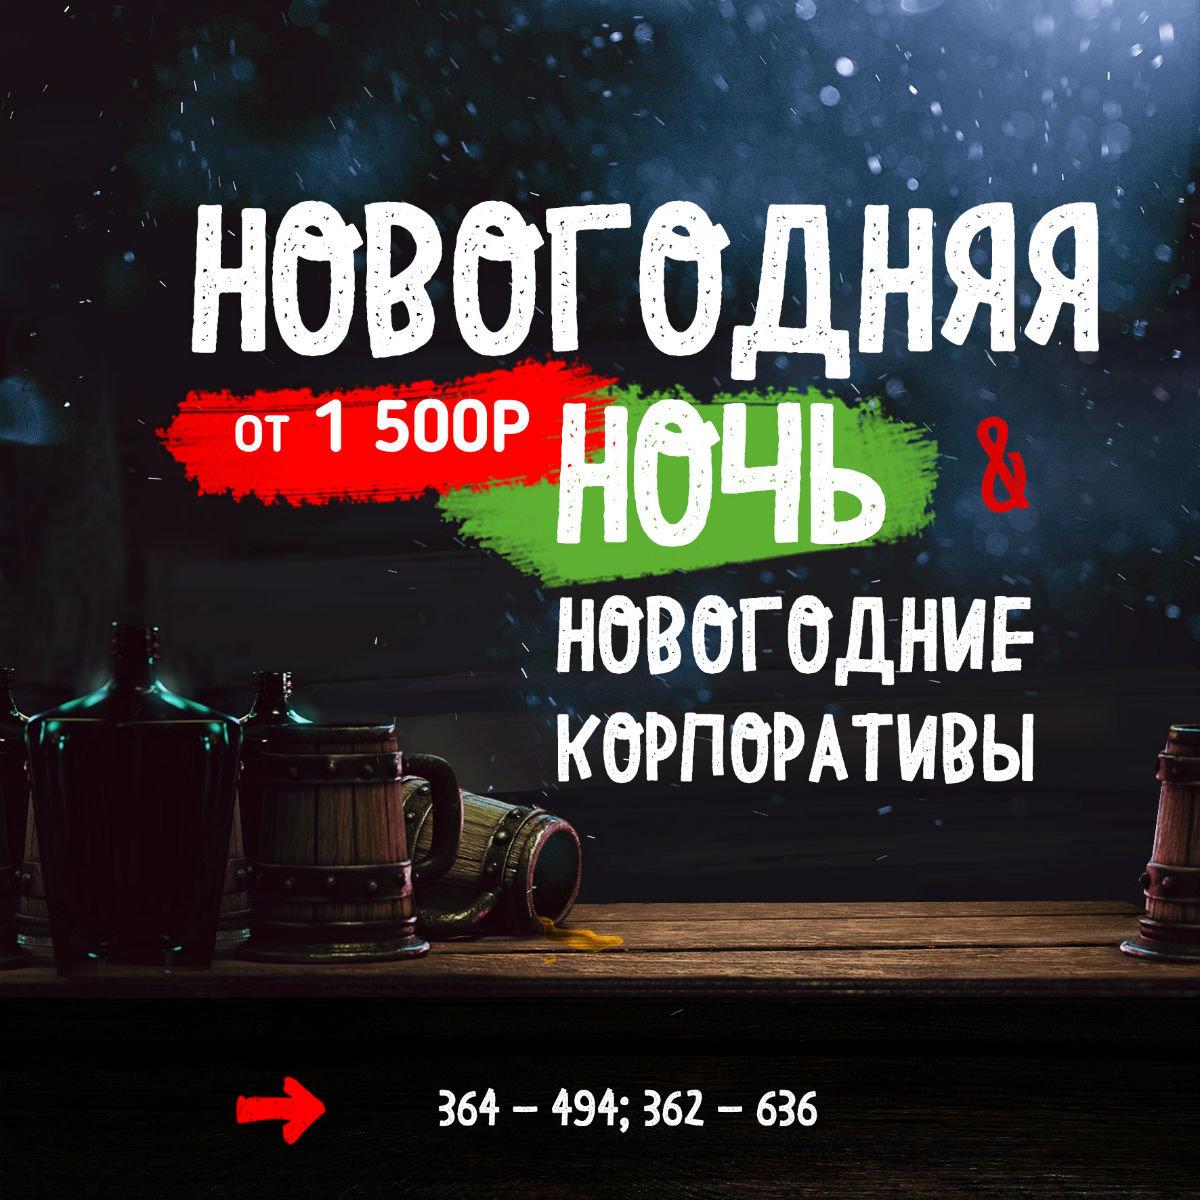 Звезды, викинги и магия в новогоднюю ночь, фото-1